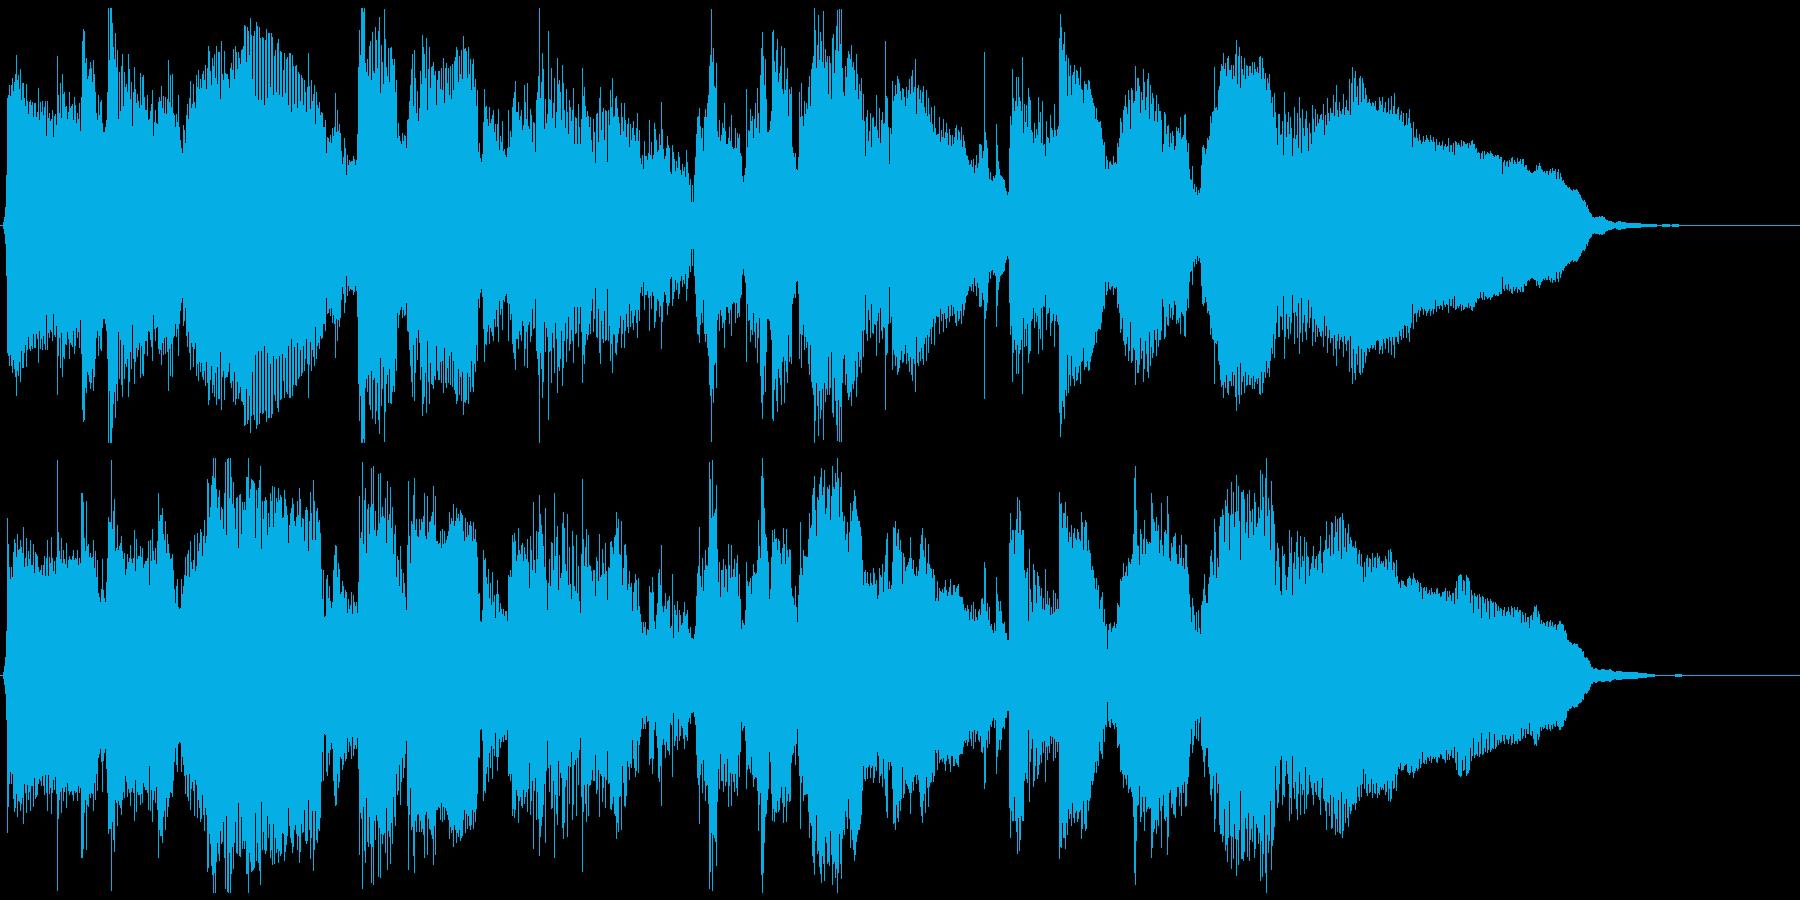 静かなサックスとピアノ◆CM向け15秒曲の再生済みの波形